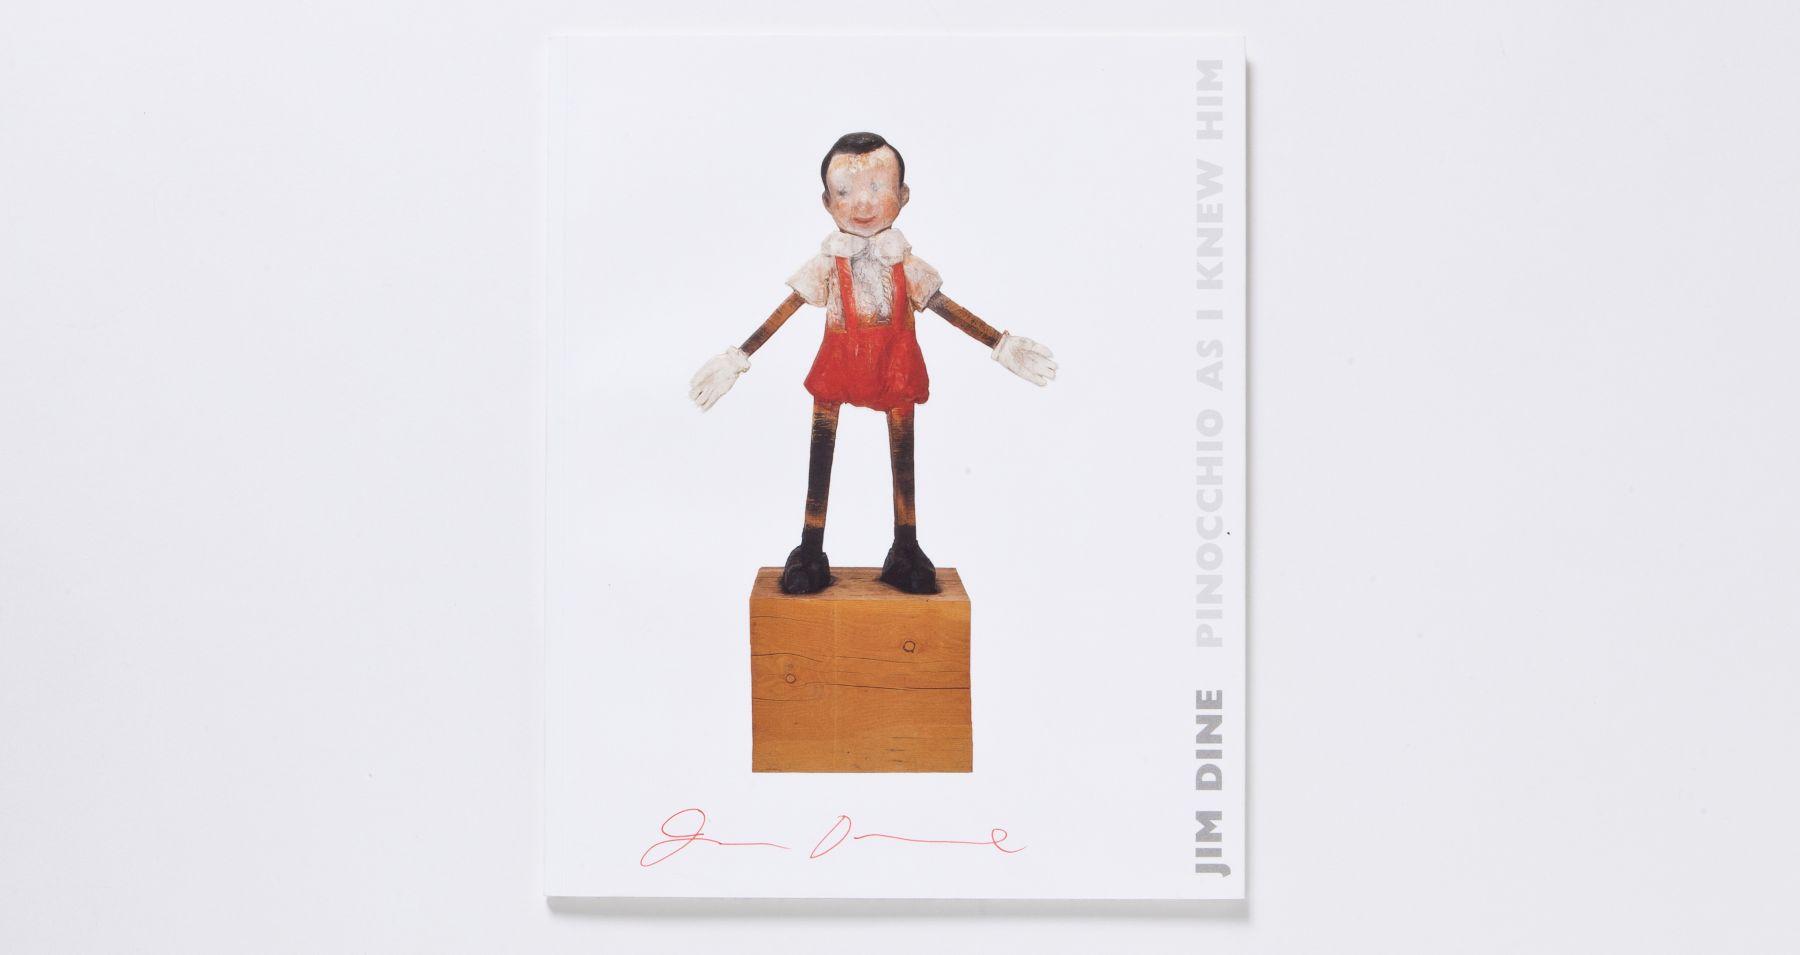 jim dine Pinocchio As I Knew Him catalogue 2005